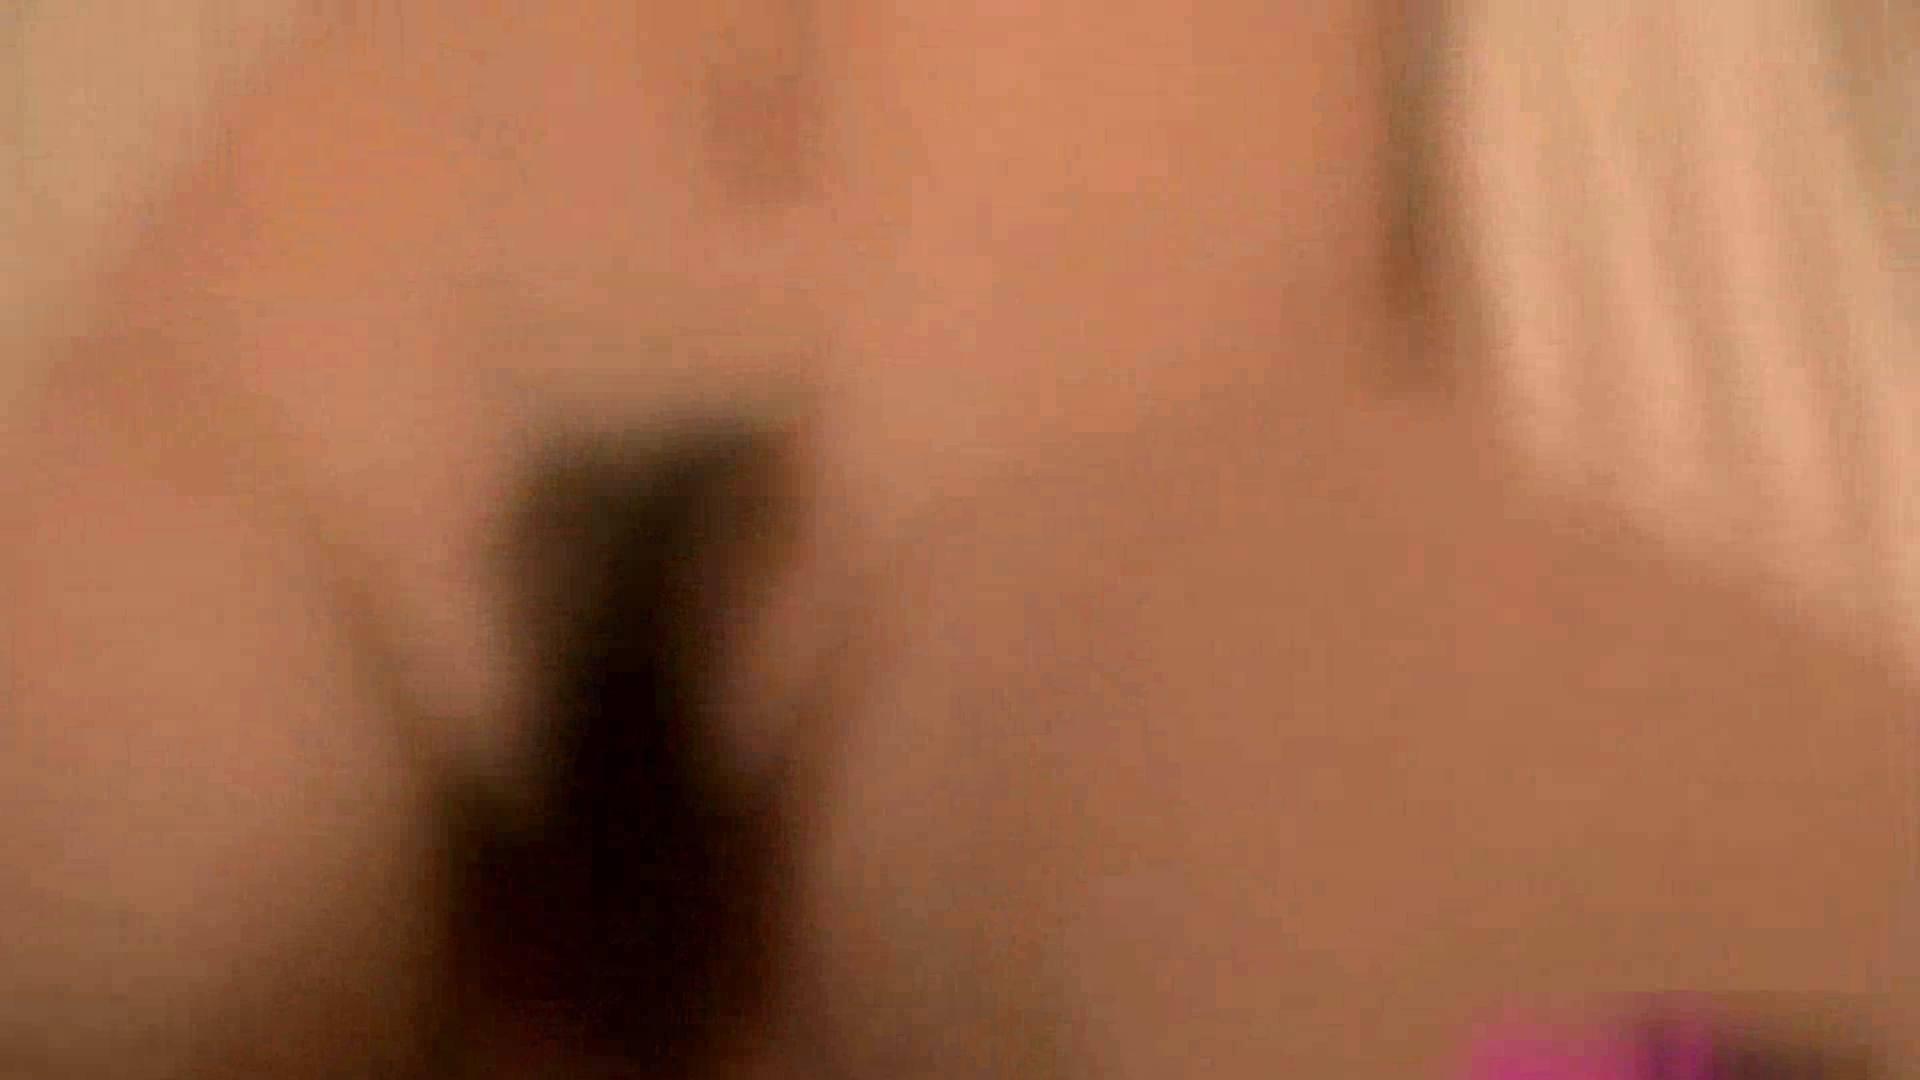 淫乱ギャル~エロい事を教えてあげる Vol.10 後編 ギャルのエロ動画   卑猥すぎ  92PIX 1